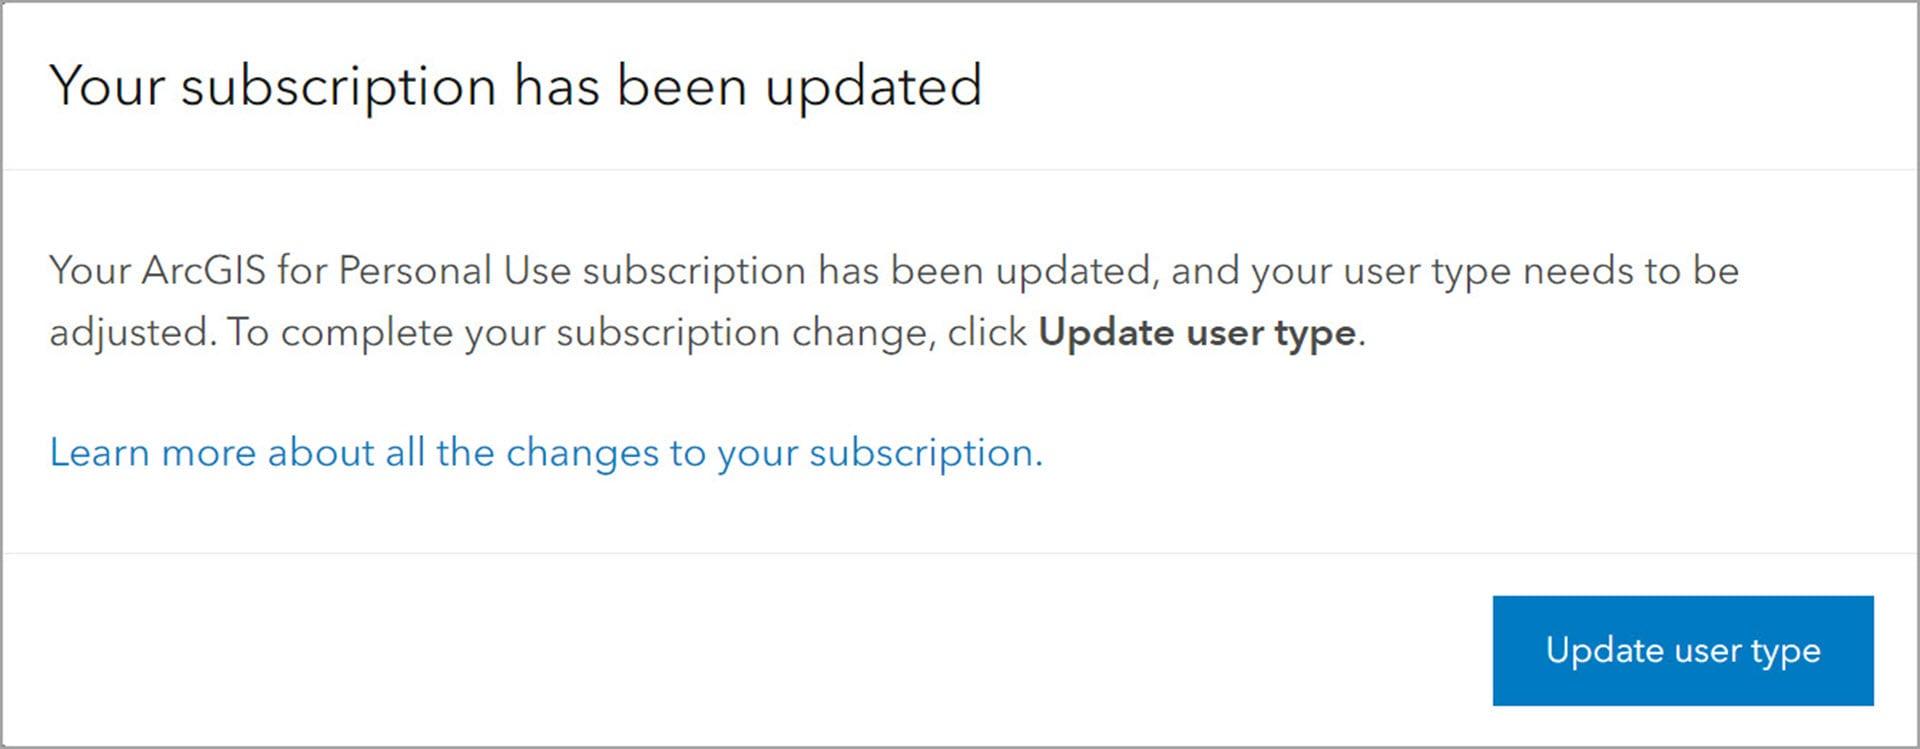 Update user type